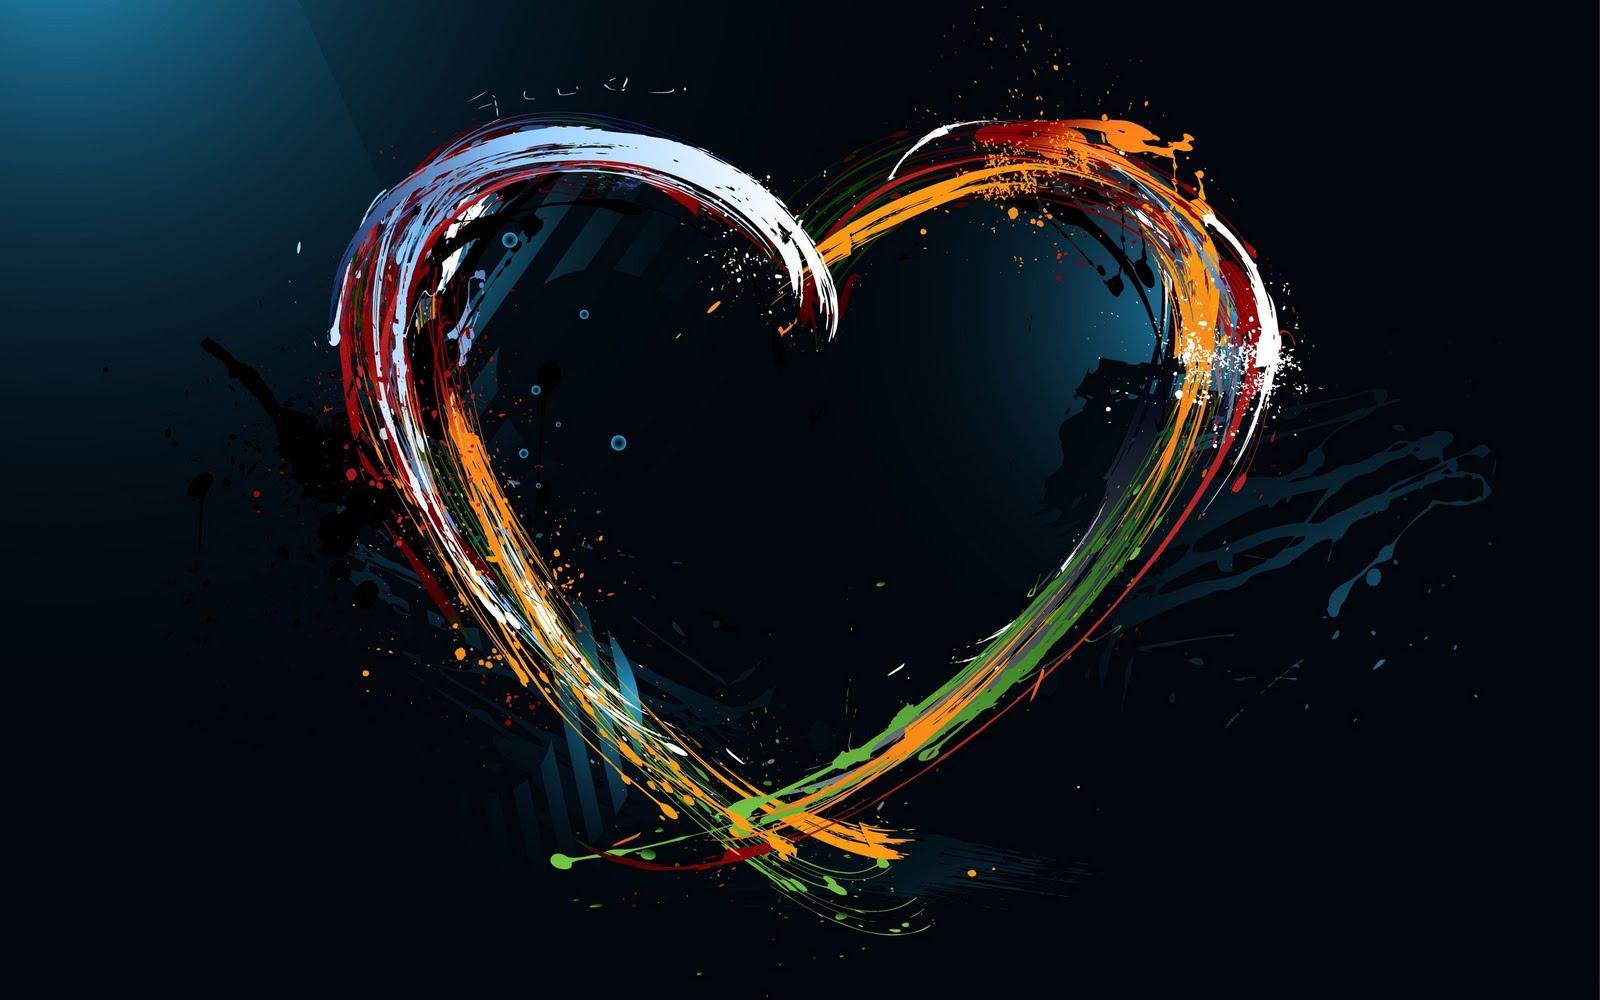 S Letter In Heart Wallpapers - Love Wallpaper Hd - HD Wallpaper